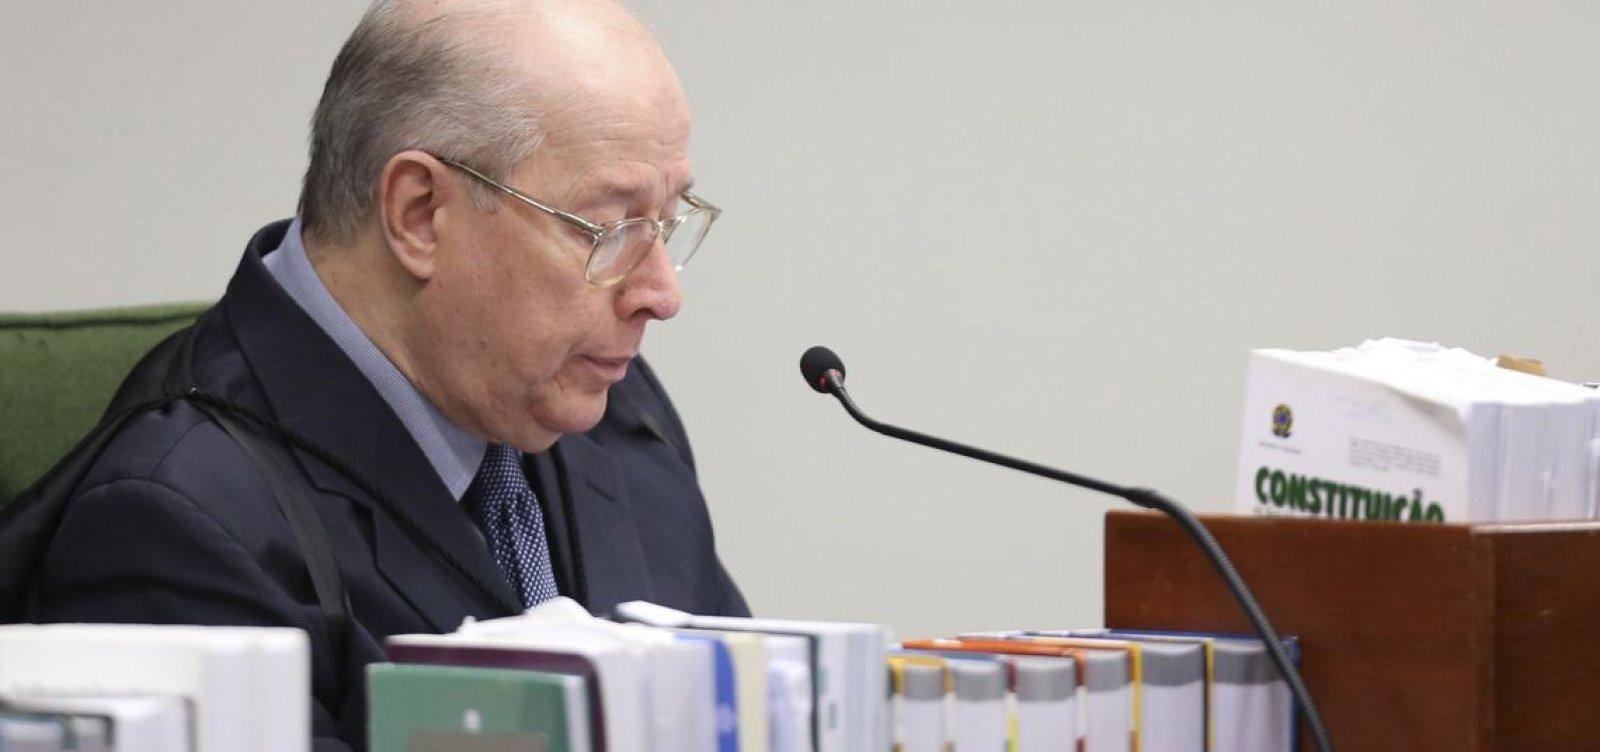 [Brasil tem expectativas de respeito à Constituição, diz Celso de Mello]